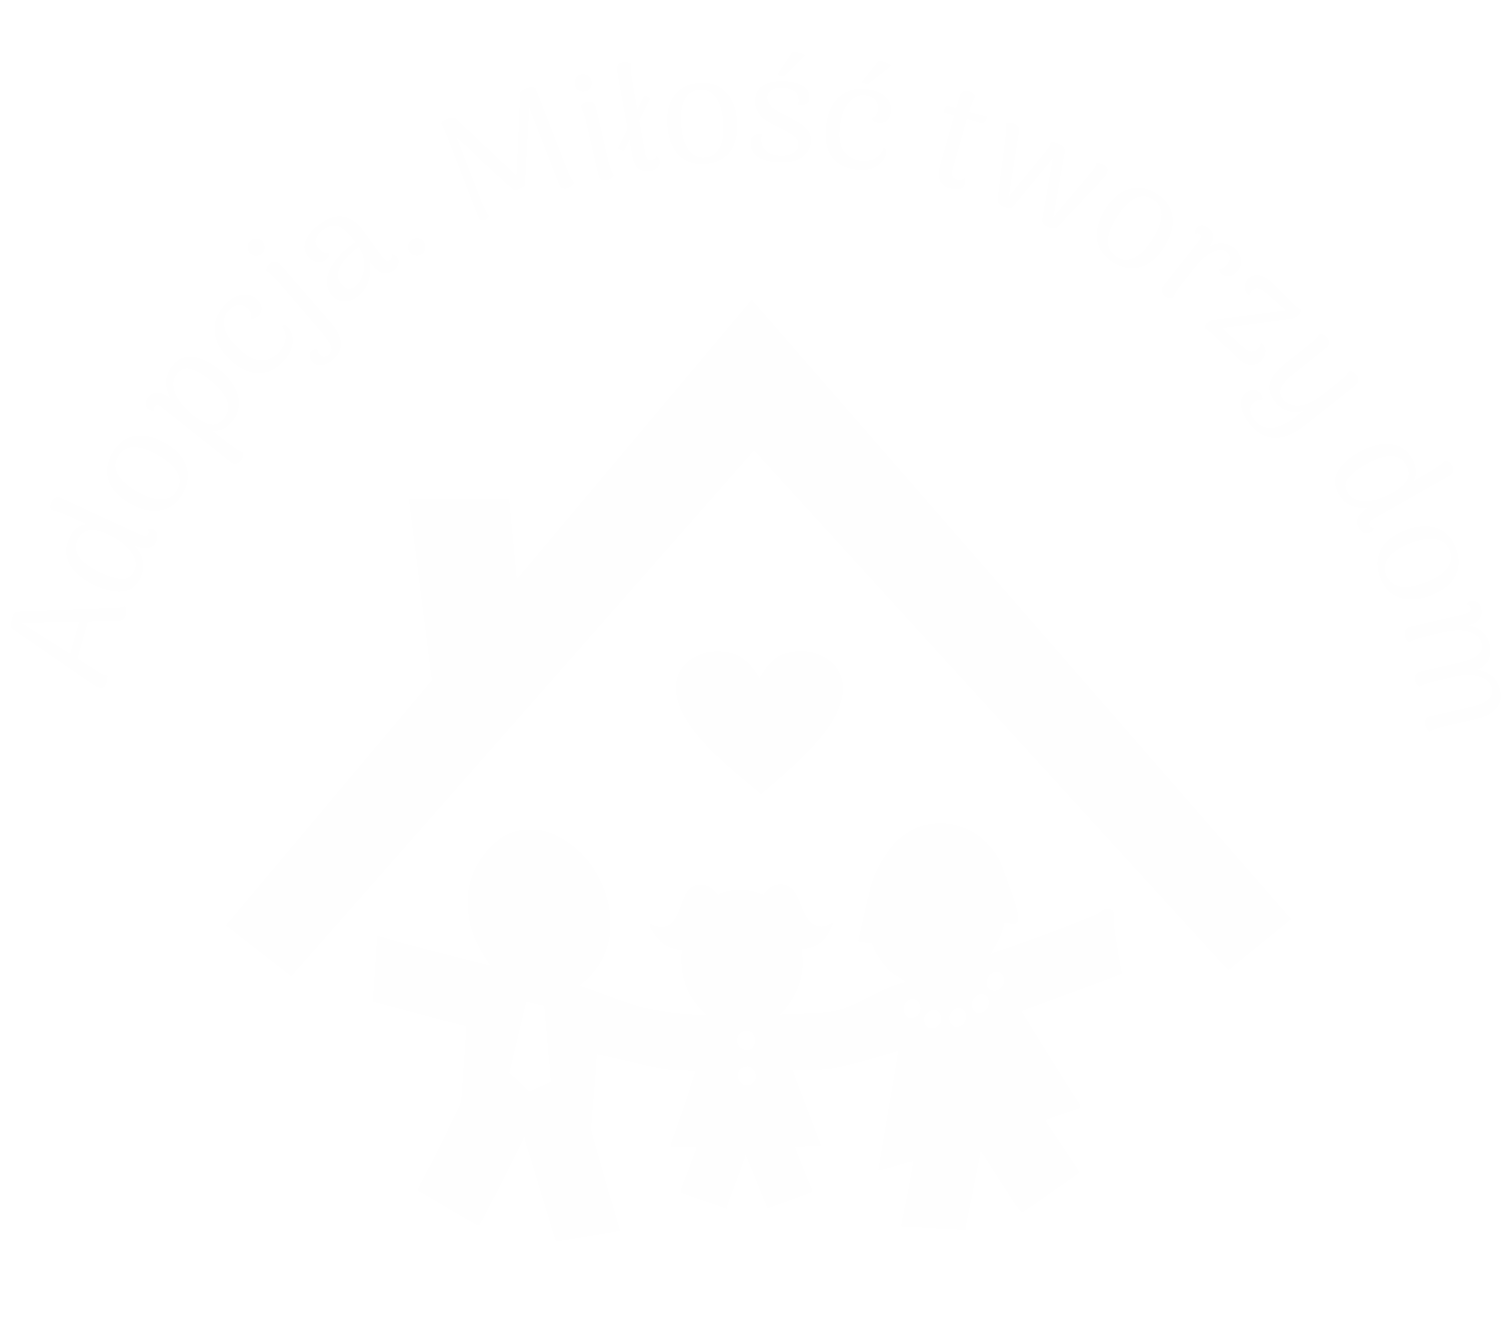 Adopcja - Miłość tworzy dom - Logo  Wojewódzki Ośrodek Adopcyjny przy Regionalnym Ośrodku Polityki Społecznej Województwa Śląskiego